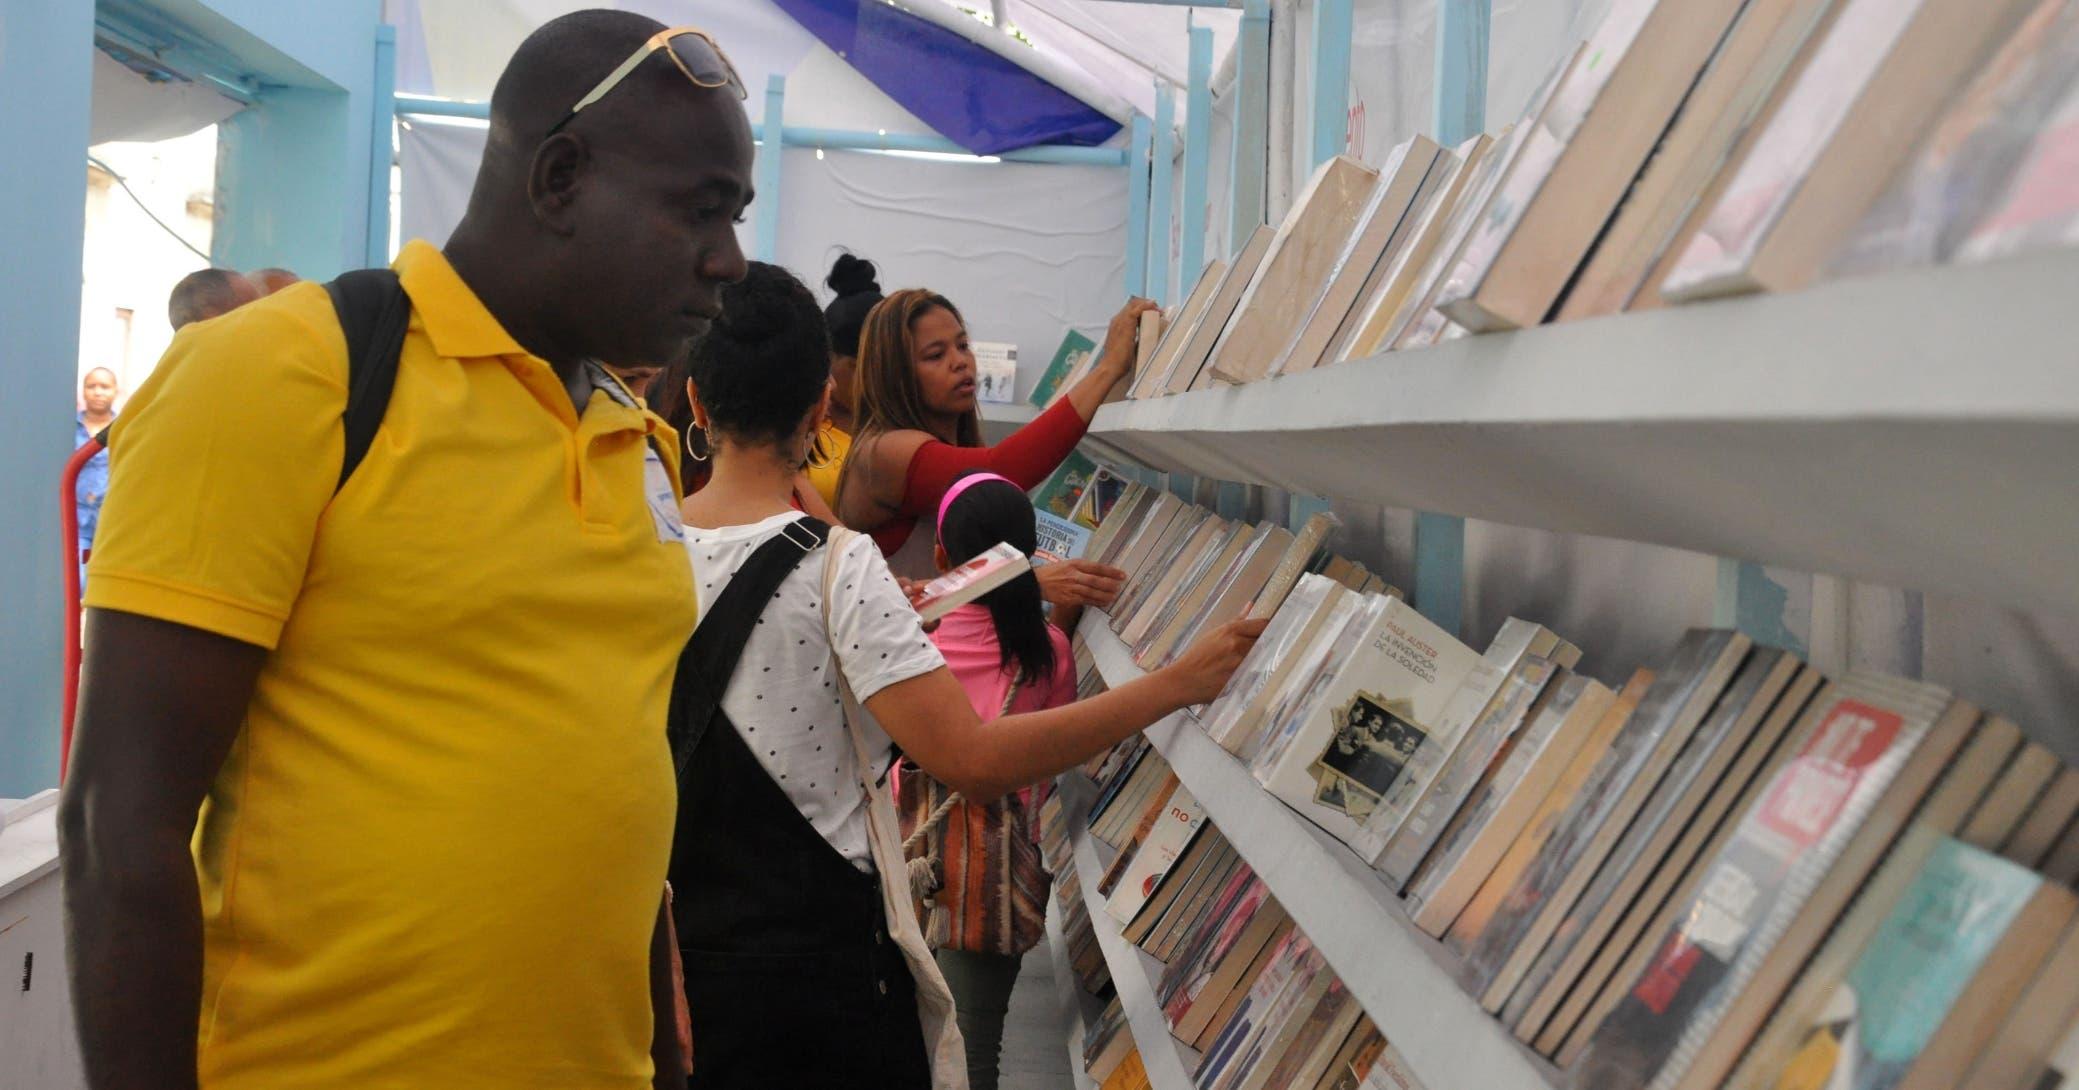 Asistentes a la Feria del Libro escogen entre varios títulos expuestos en una de las librerías que participaron en la fiesta cultural.  Caroline Fernández